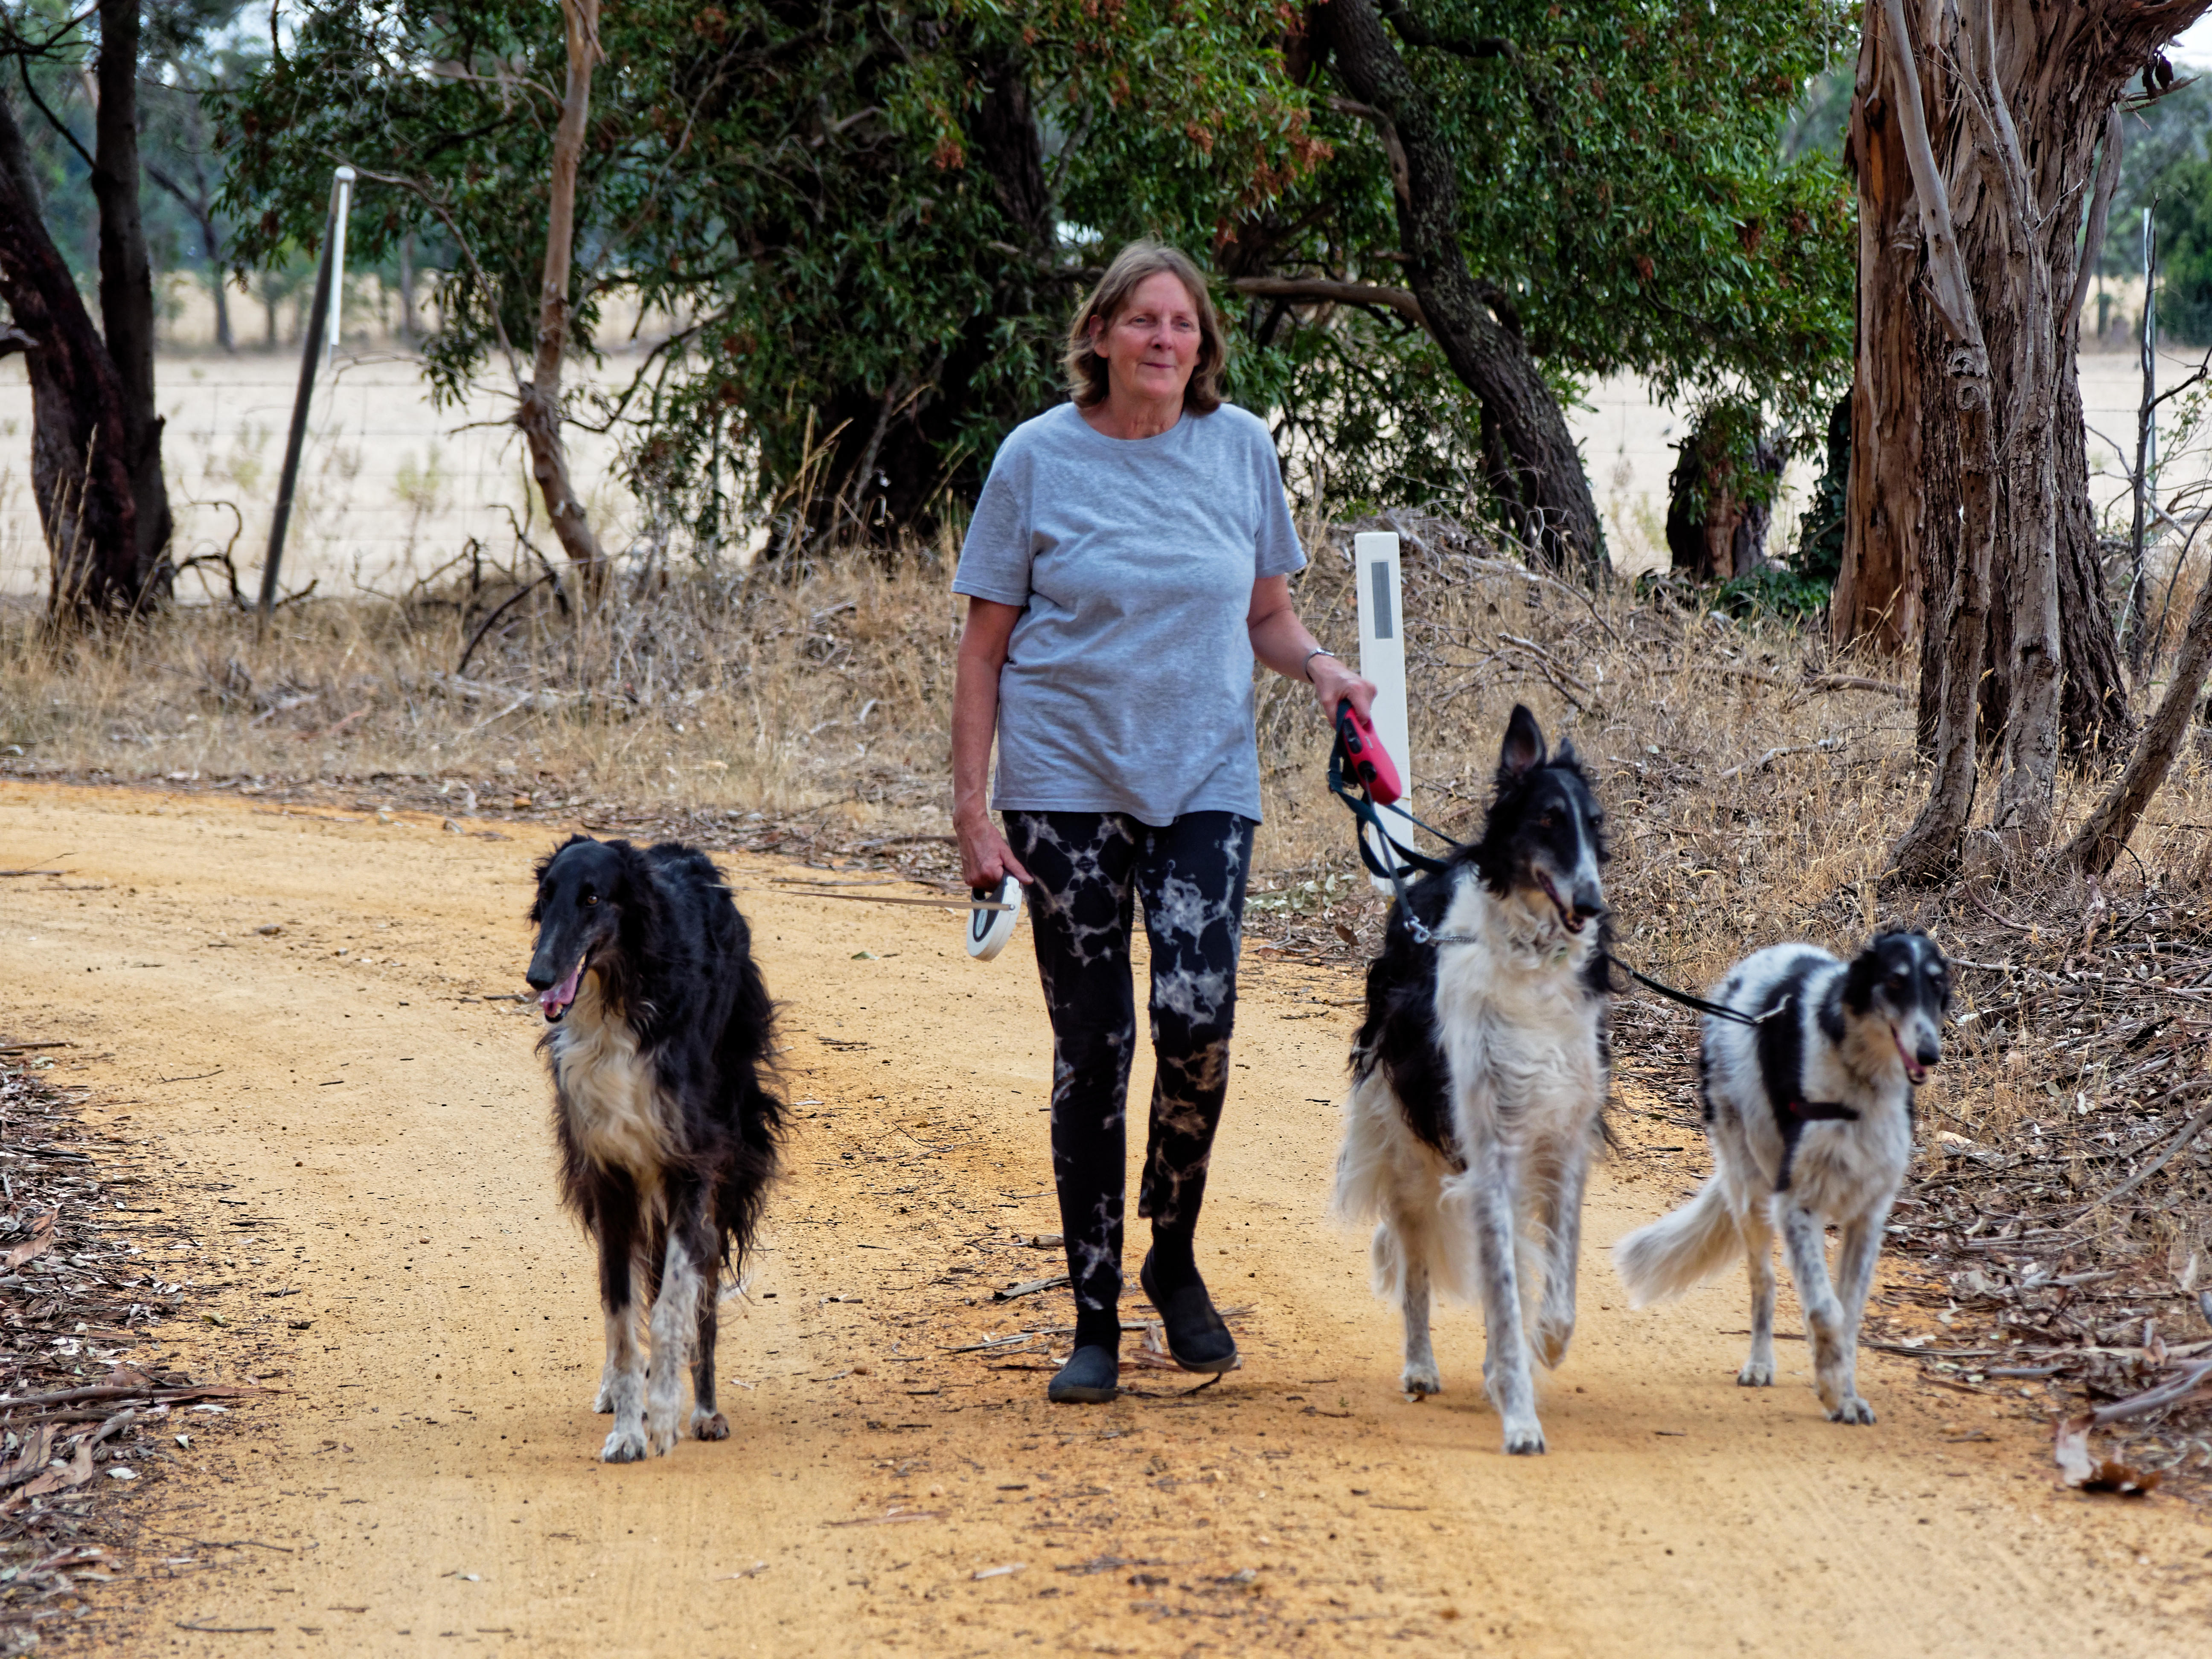 Walking-dogs-74.jpeg